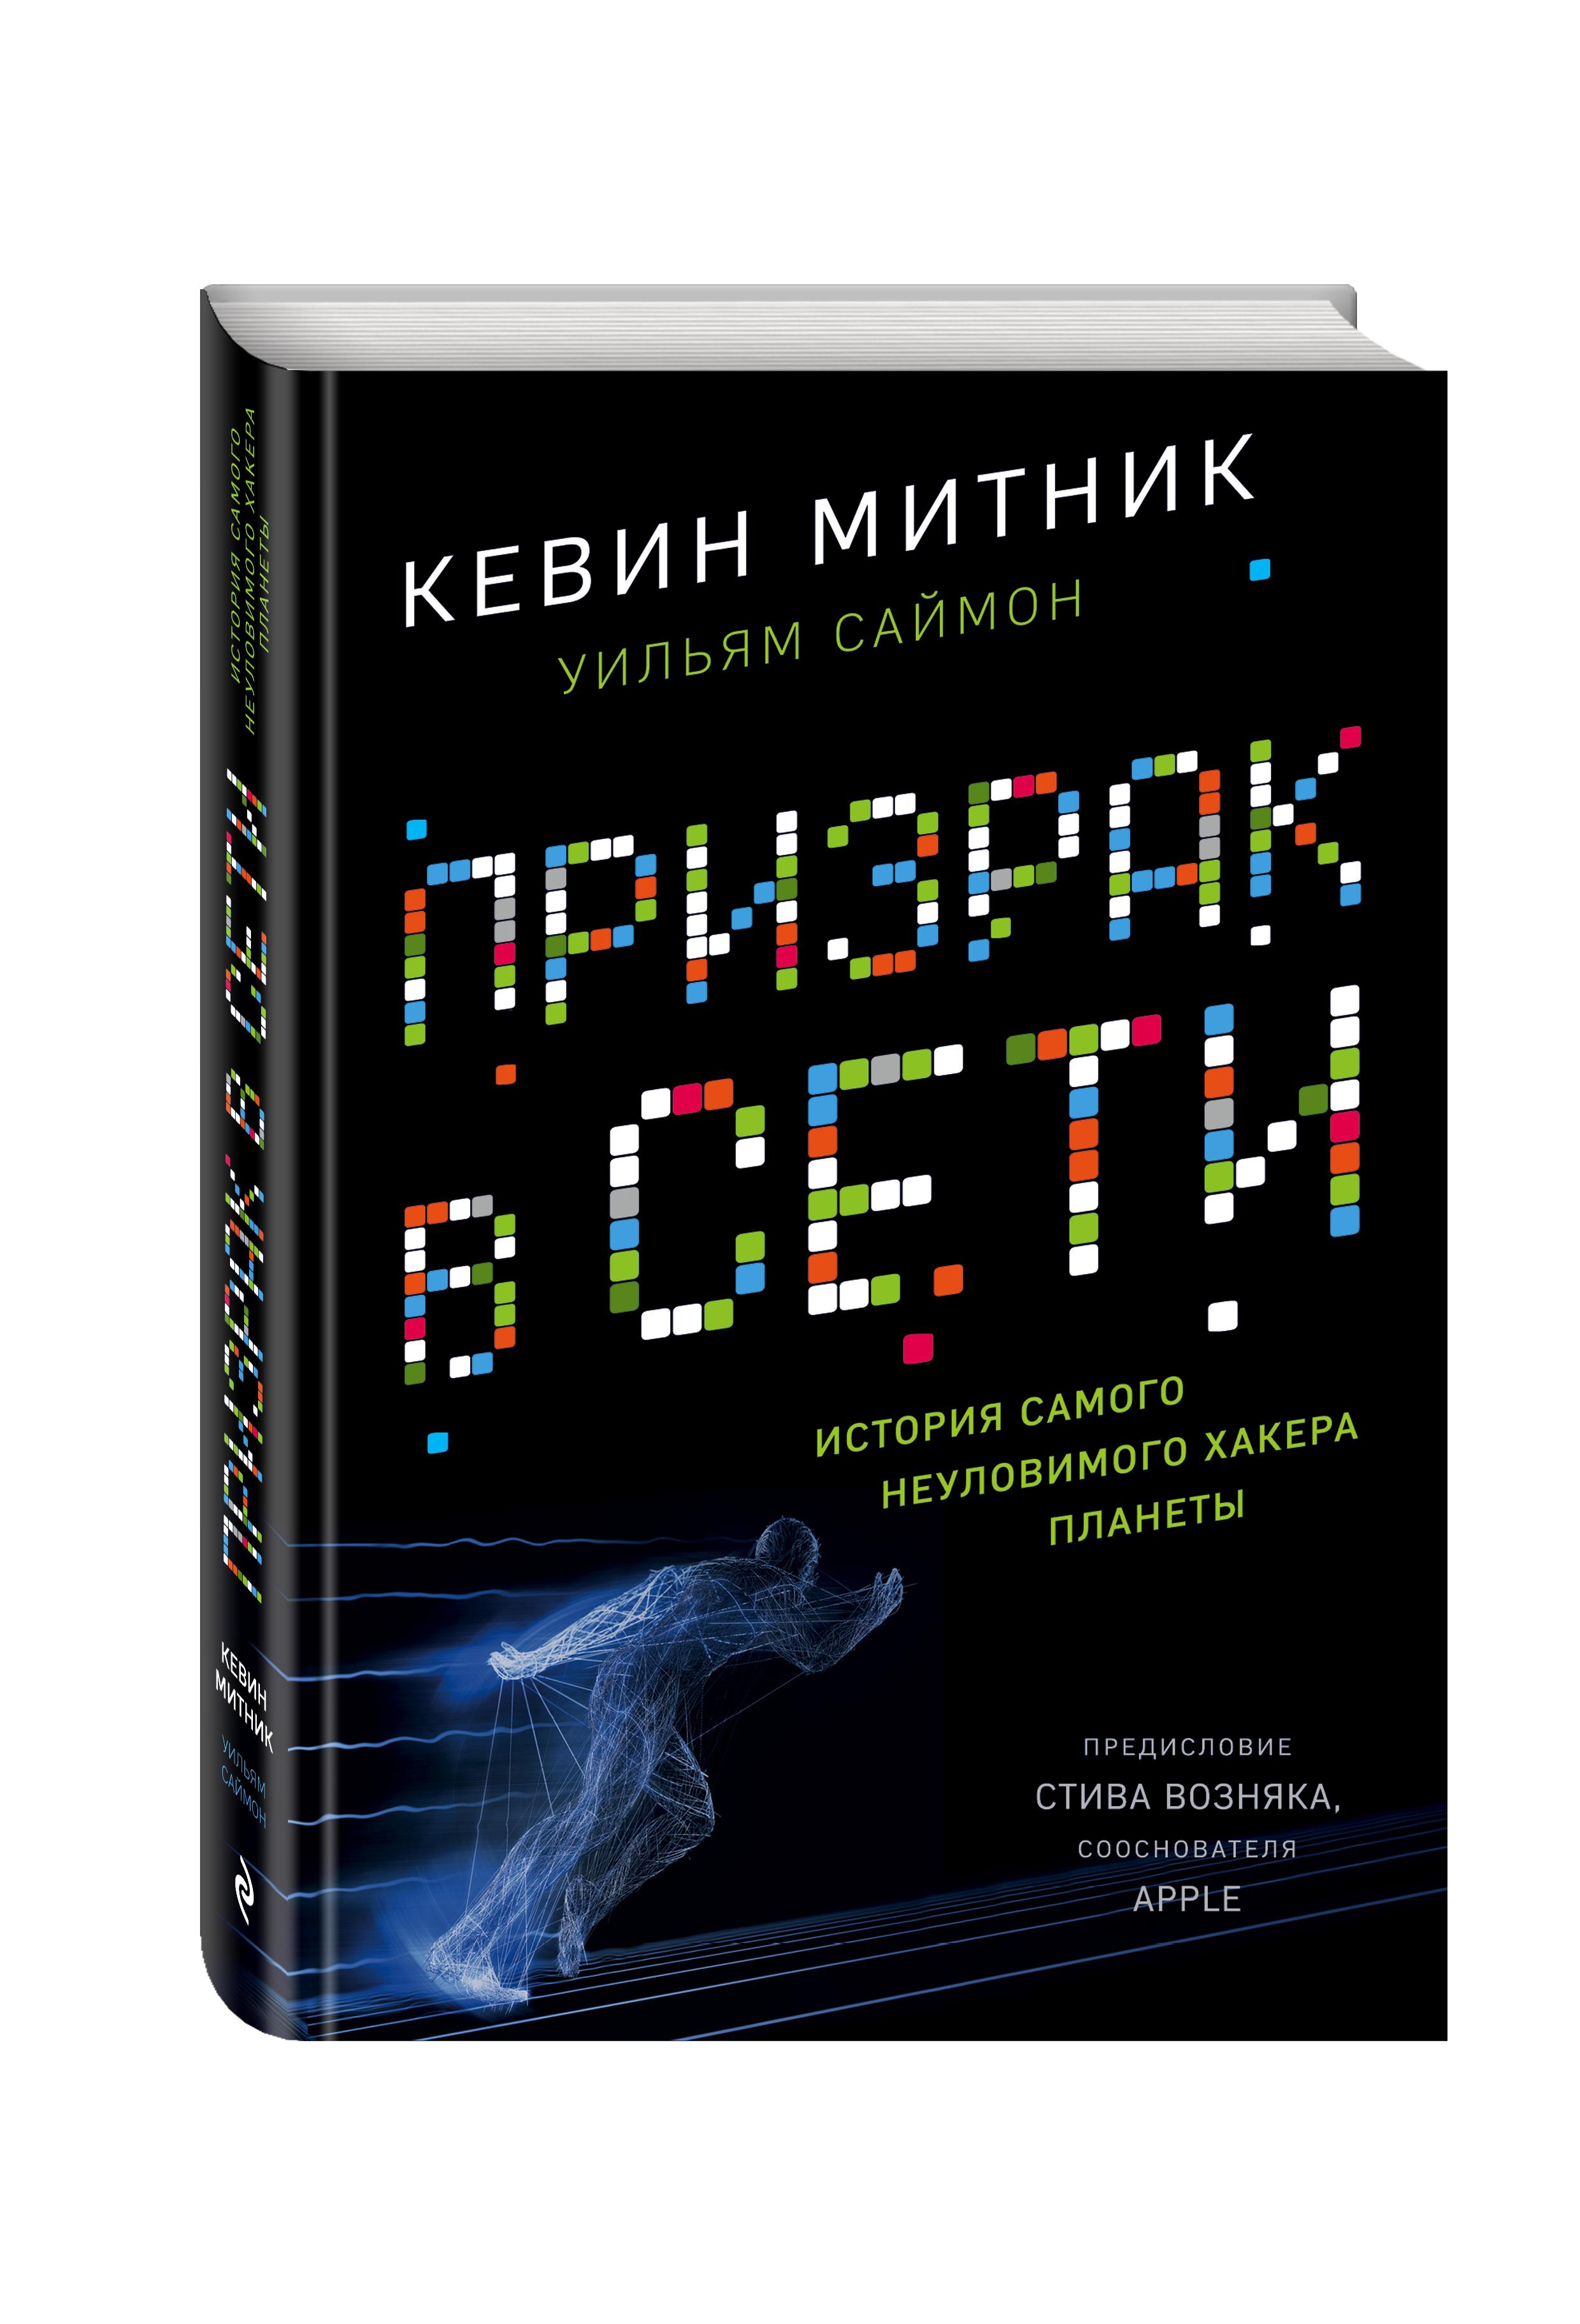 Призрак в Сети. Мемуары величайшего хакера (книга + супер) ( Митник К., Саймон В.  )